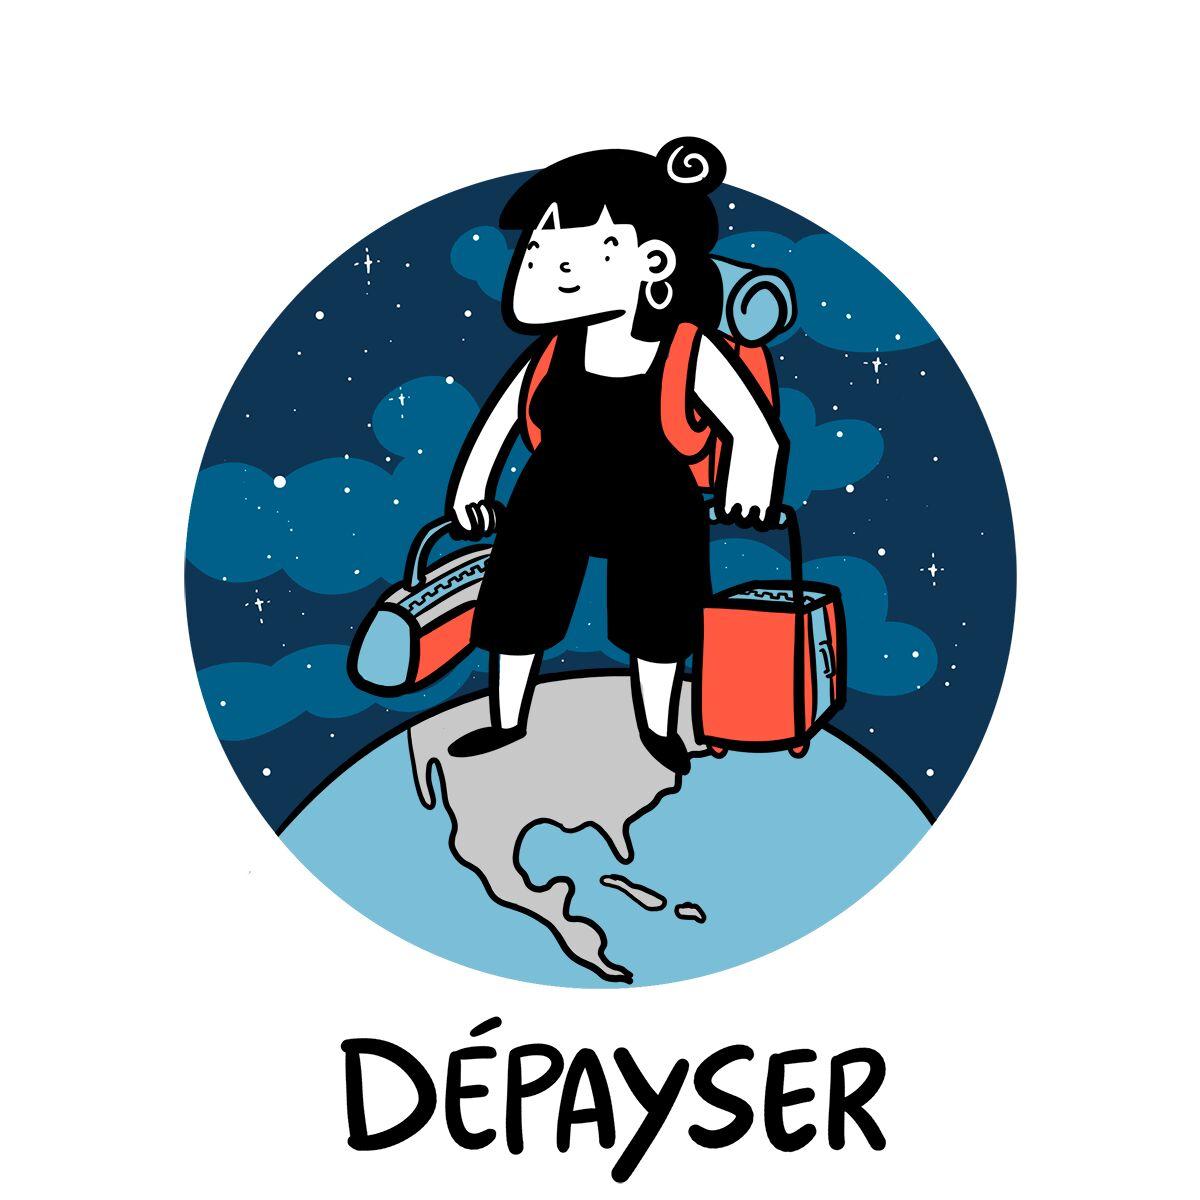 Une voyageuse disproportionnée est debout sur la terre, prête à partir à l'aventure avec ses sacs et valises